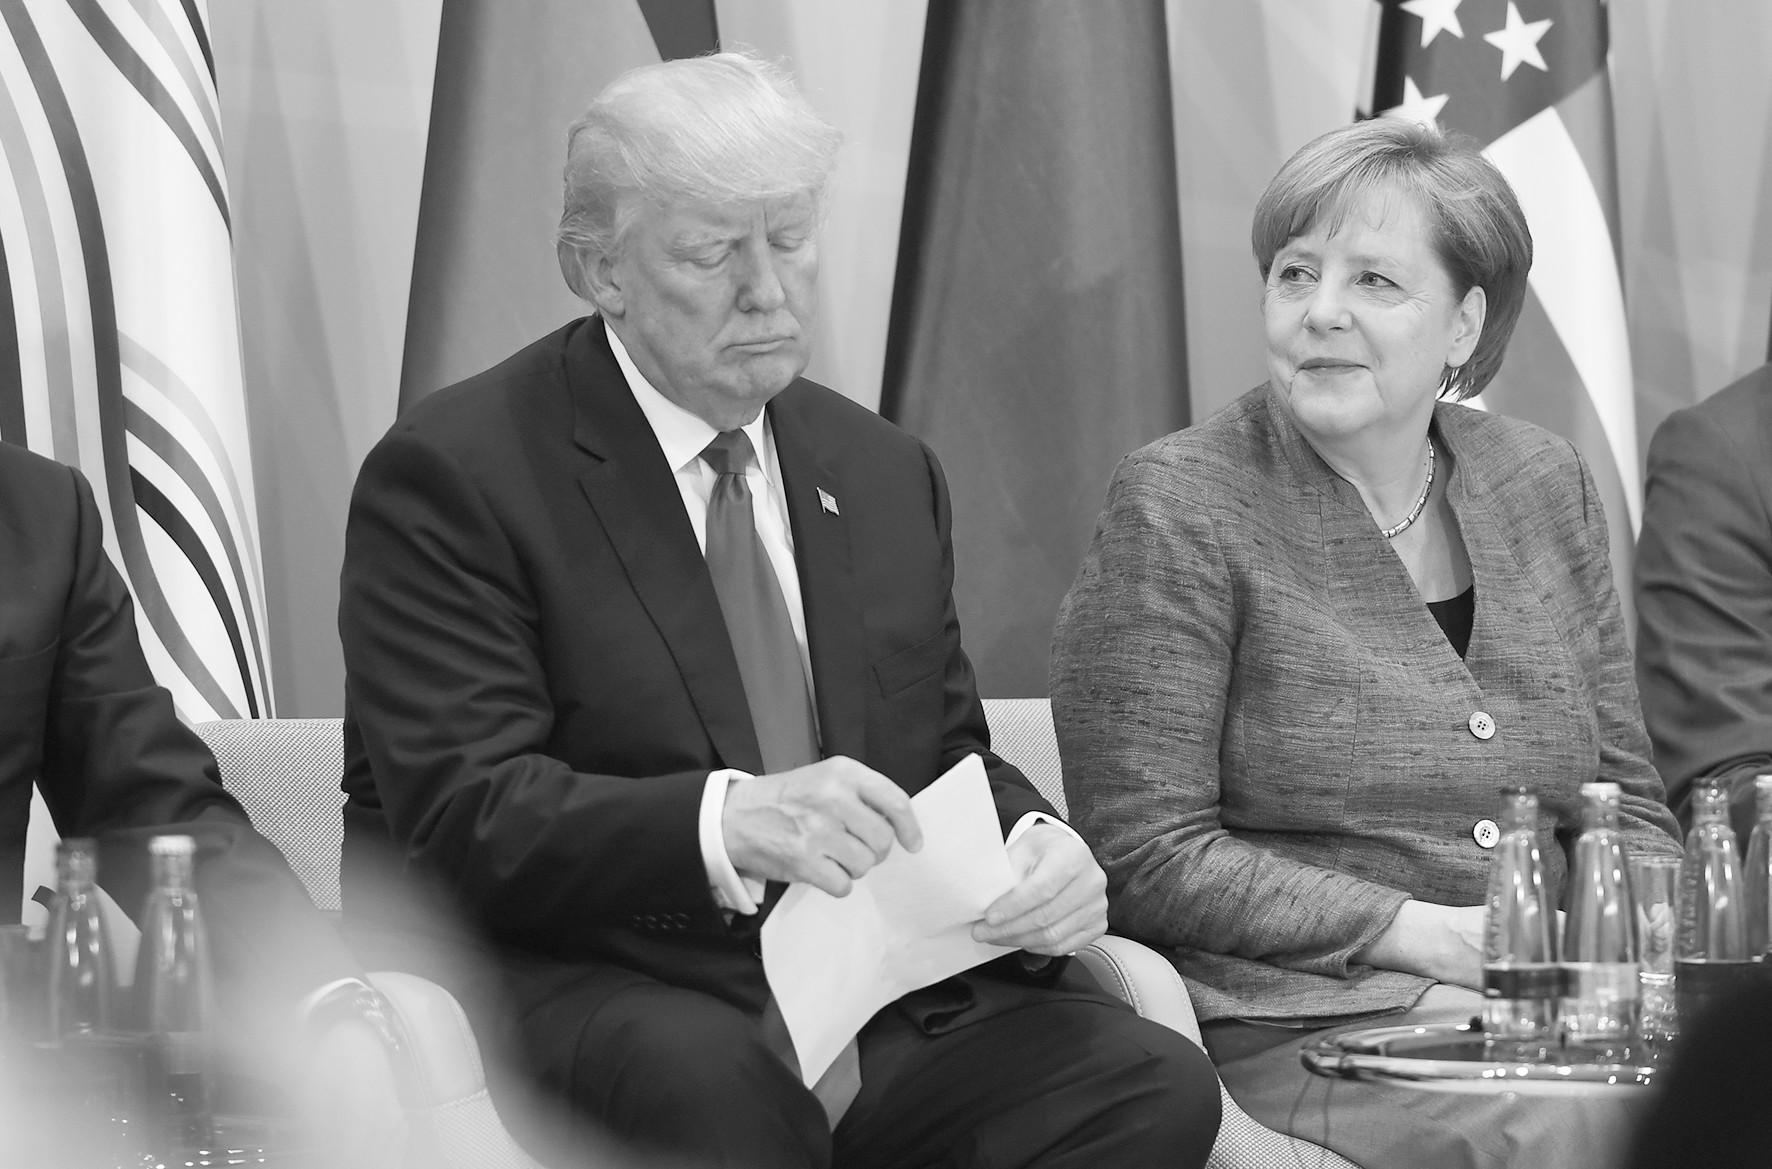 特朗普的不屑,让欧洲很受伤